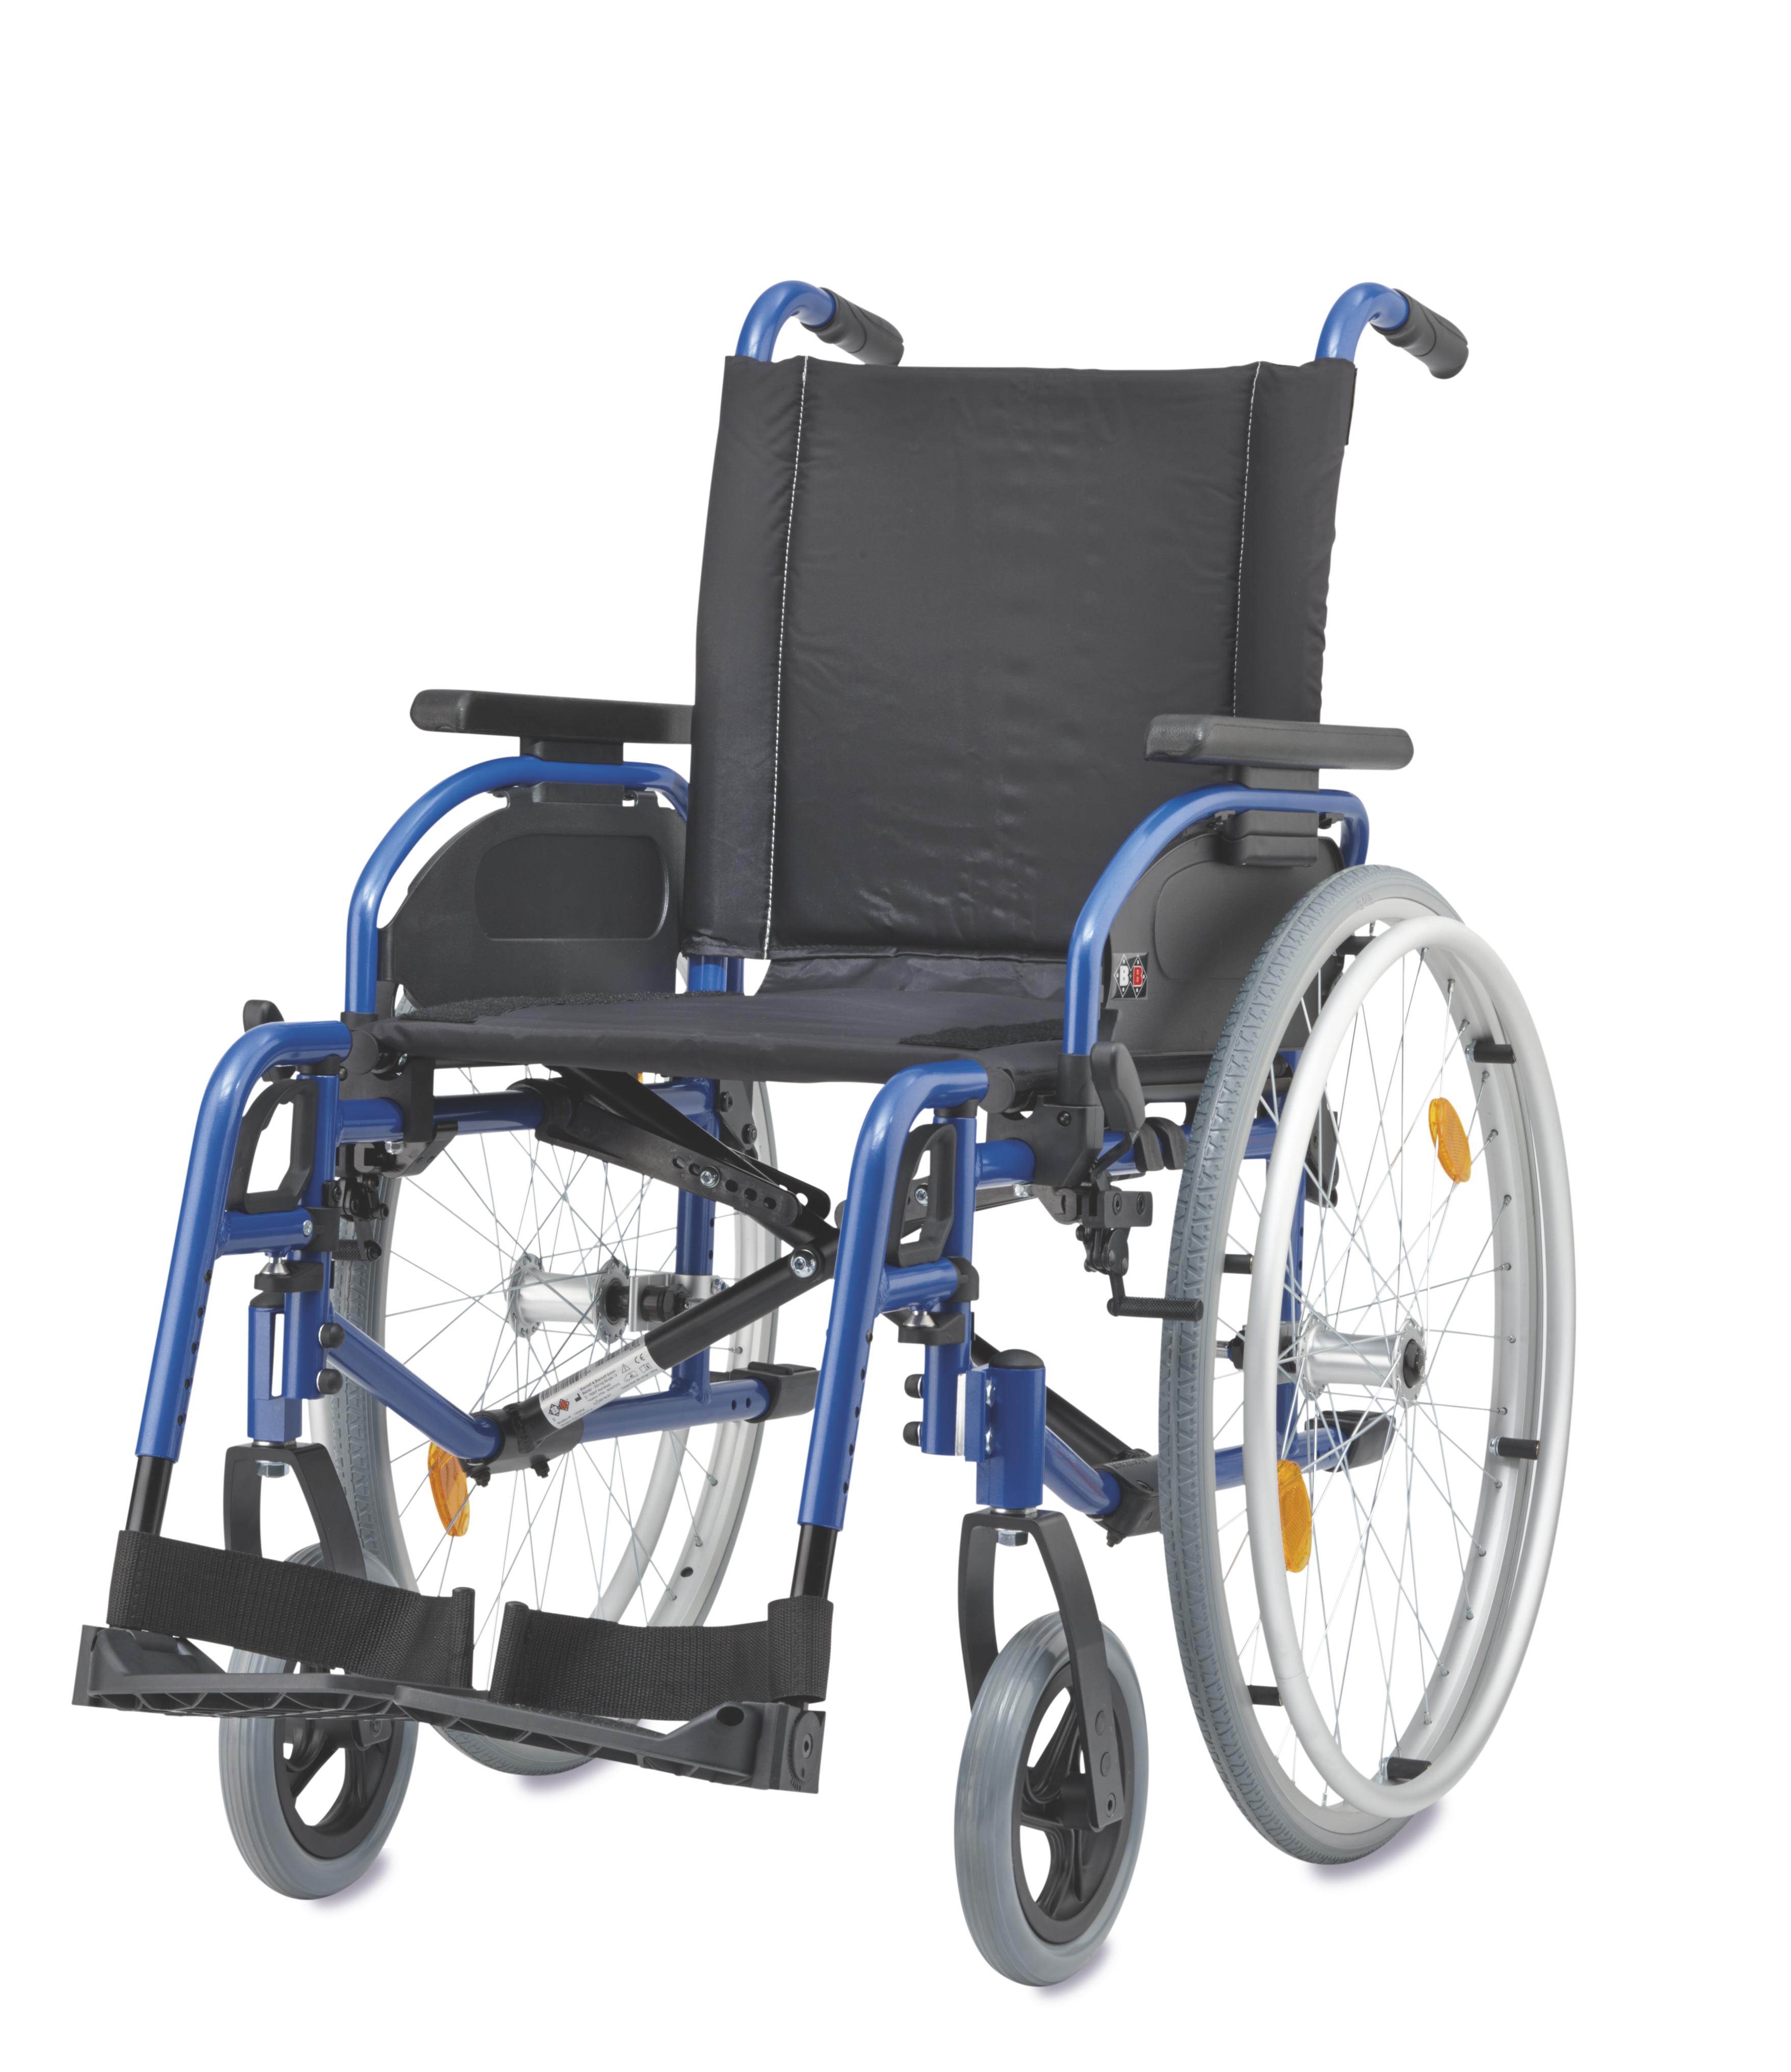 LG-Rollstuhl B&B Pyro Start Plus mit TBB